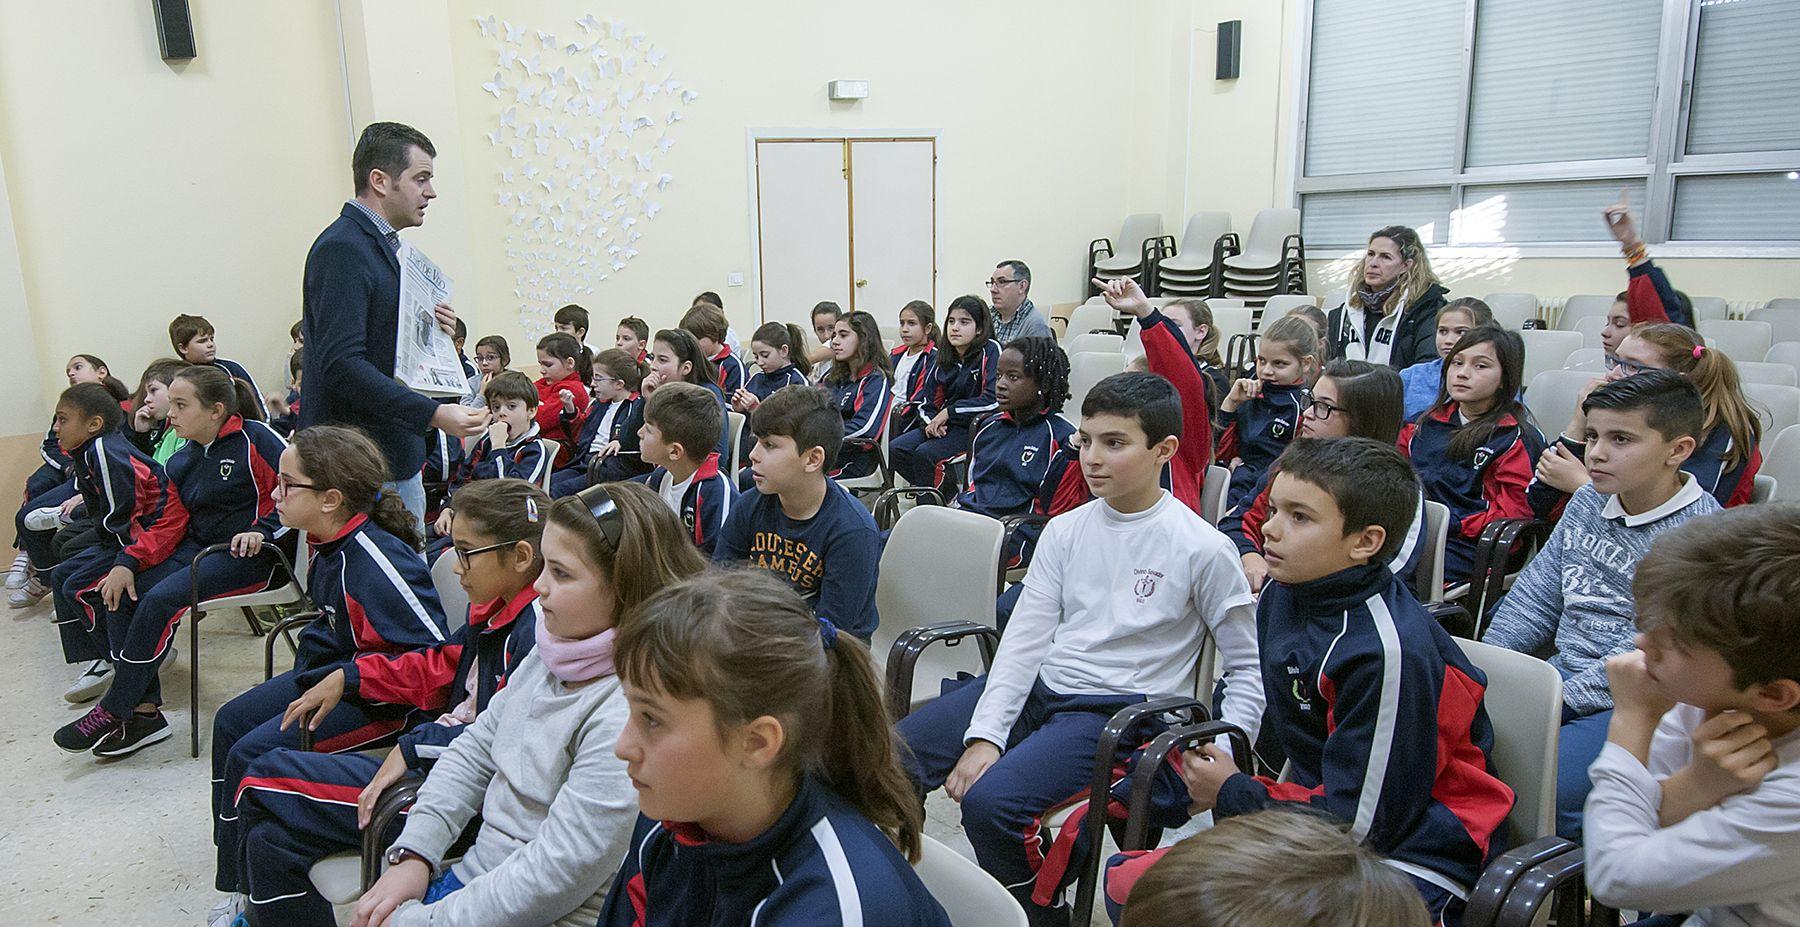 Visita a Faro de Vigo del CPR Plurilingüe Divino Salvador el curso 2015-16